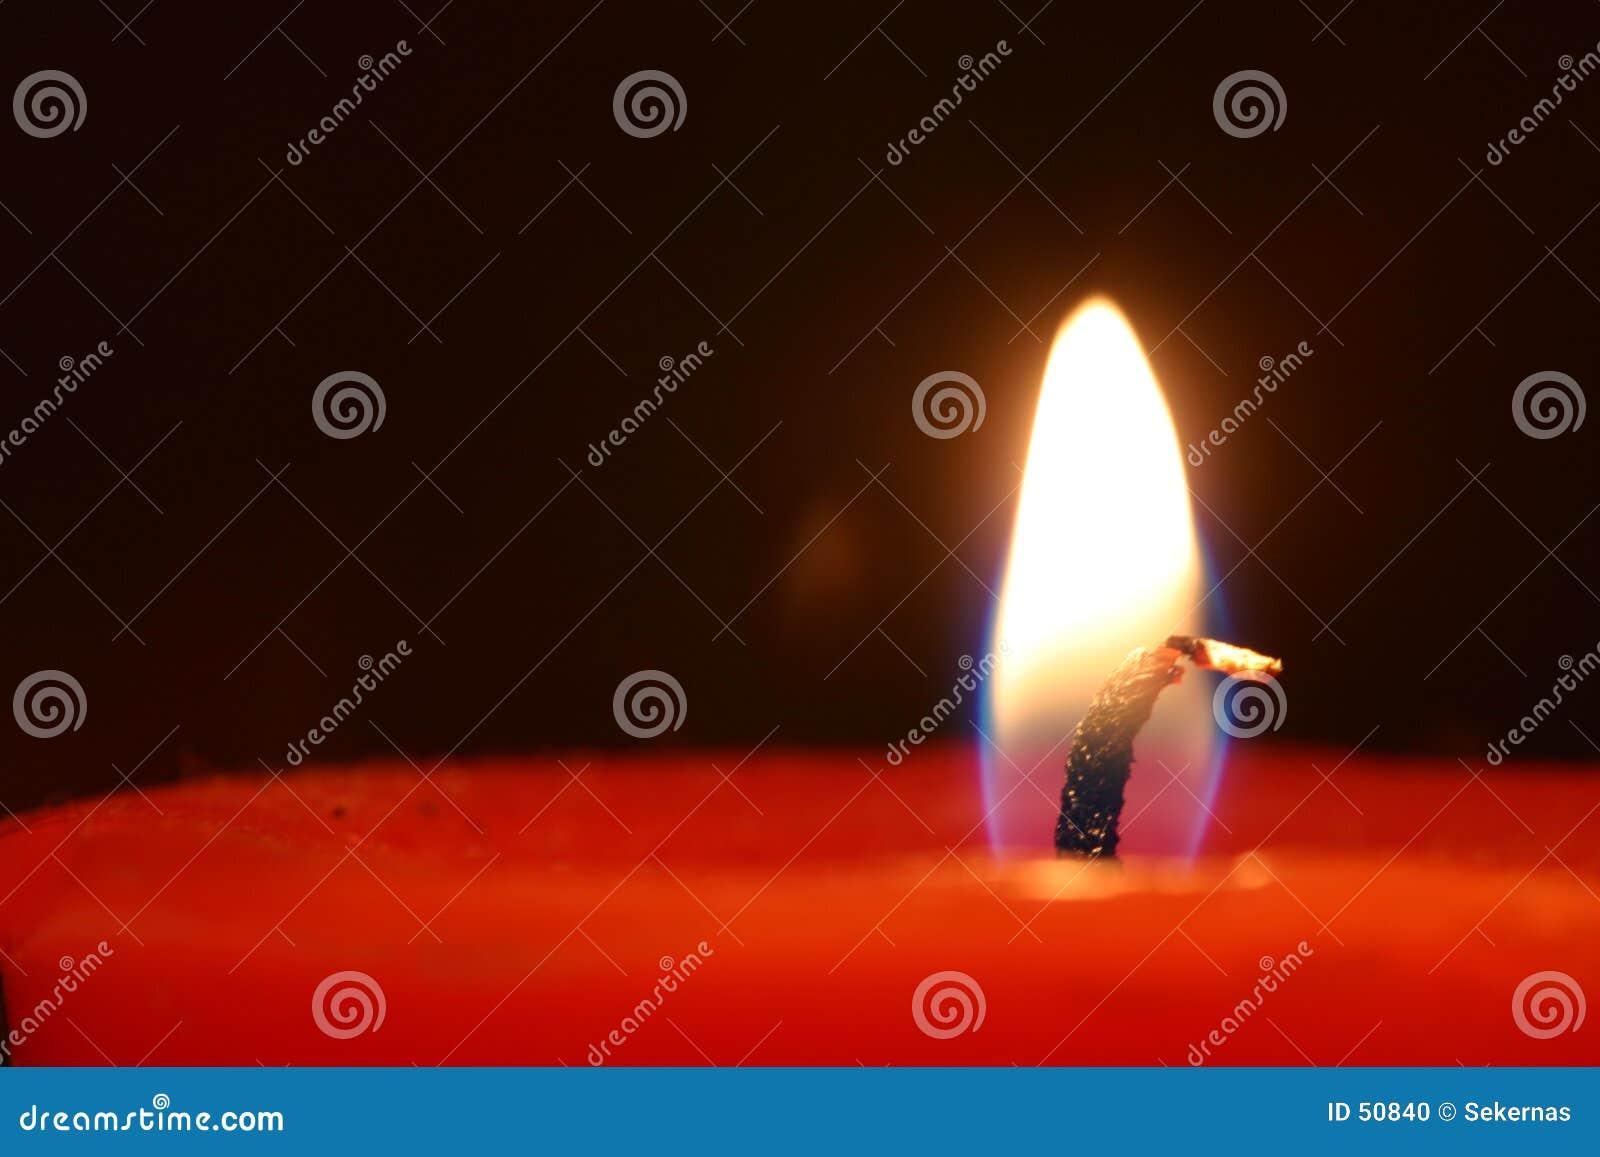 Czerwony świece.